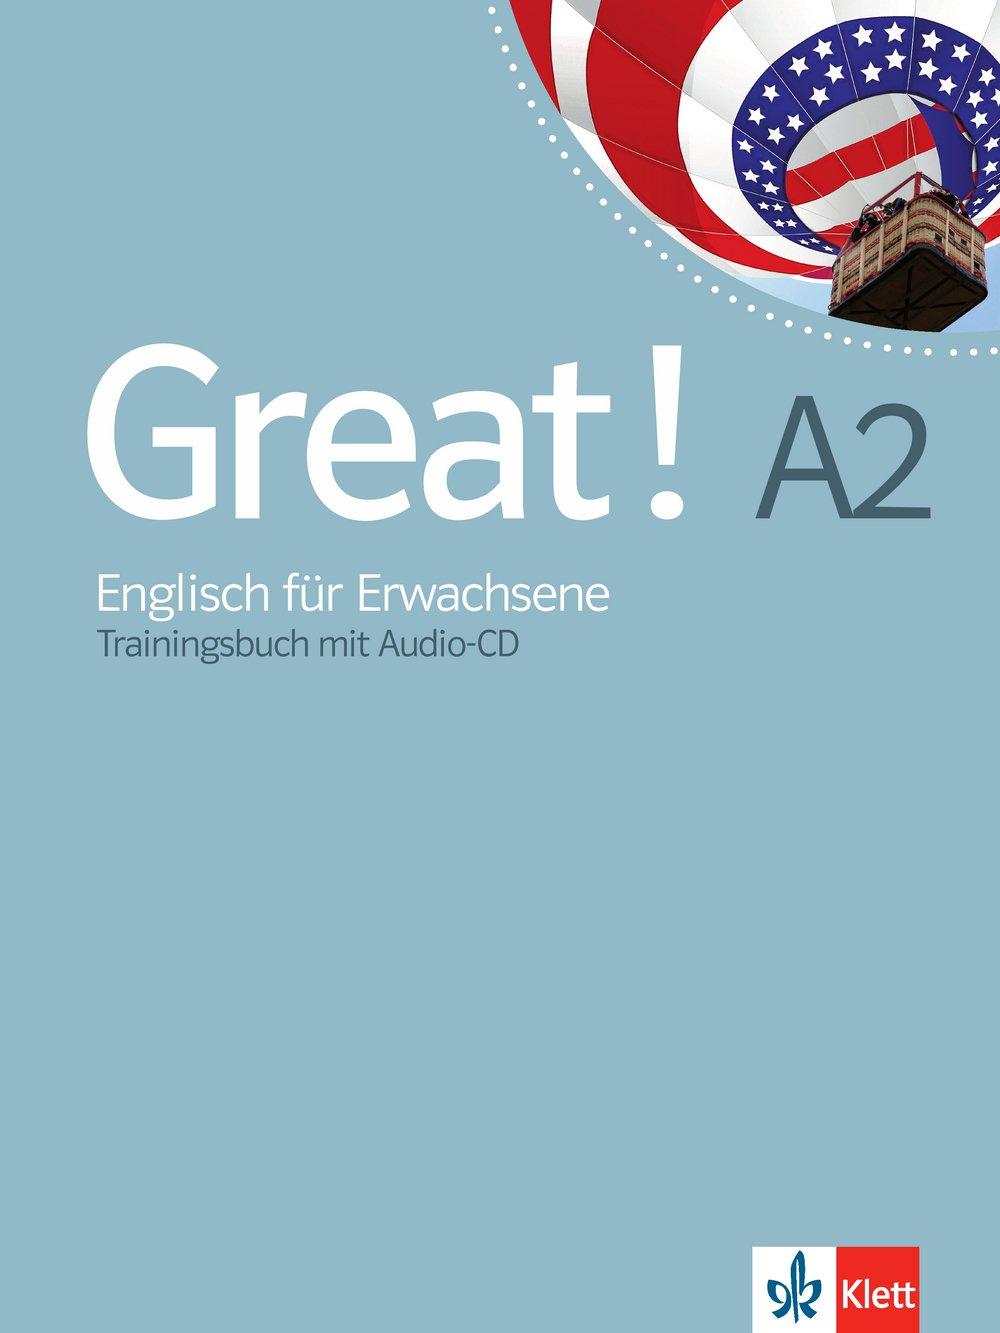 Great! A2: Englisch für Erwachsene. Trainingsbuch + Audio-CD